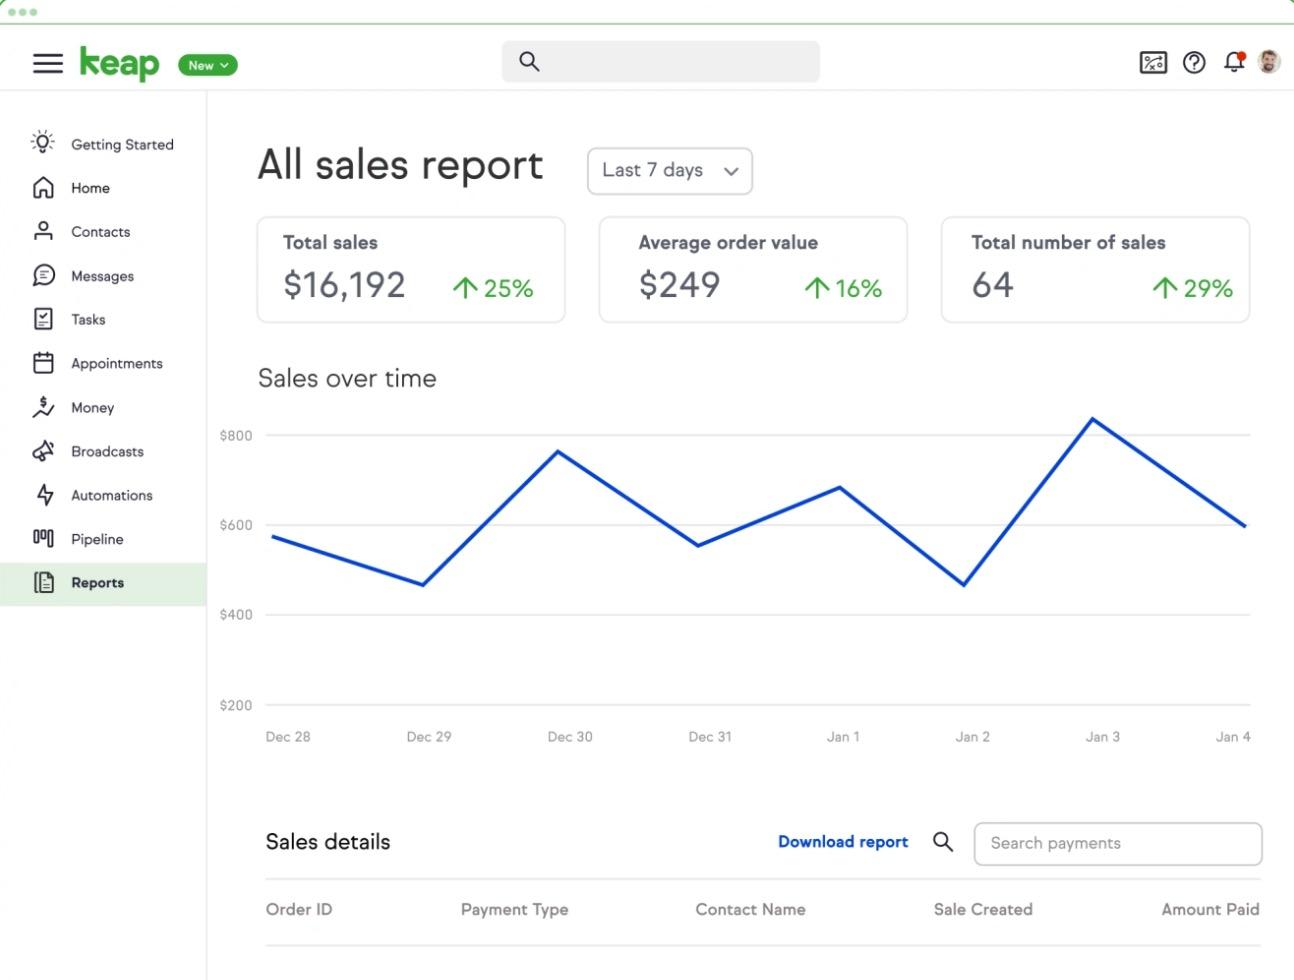 Keap CRM sales report